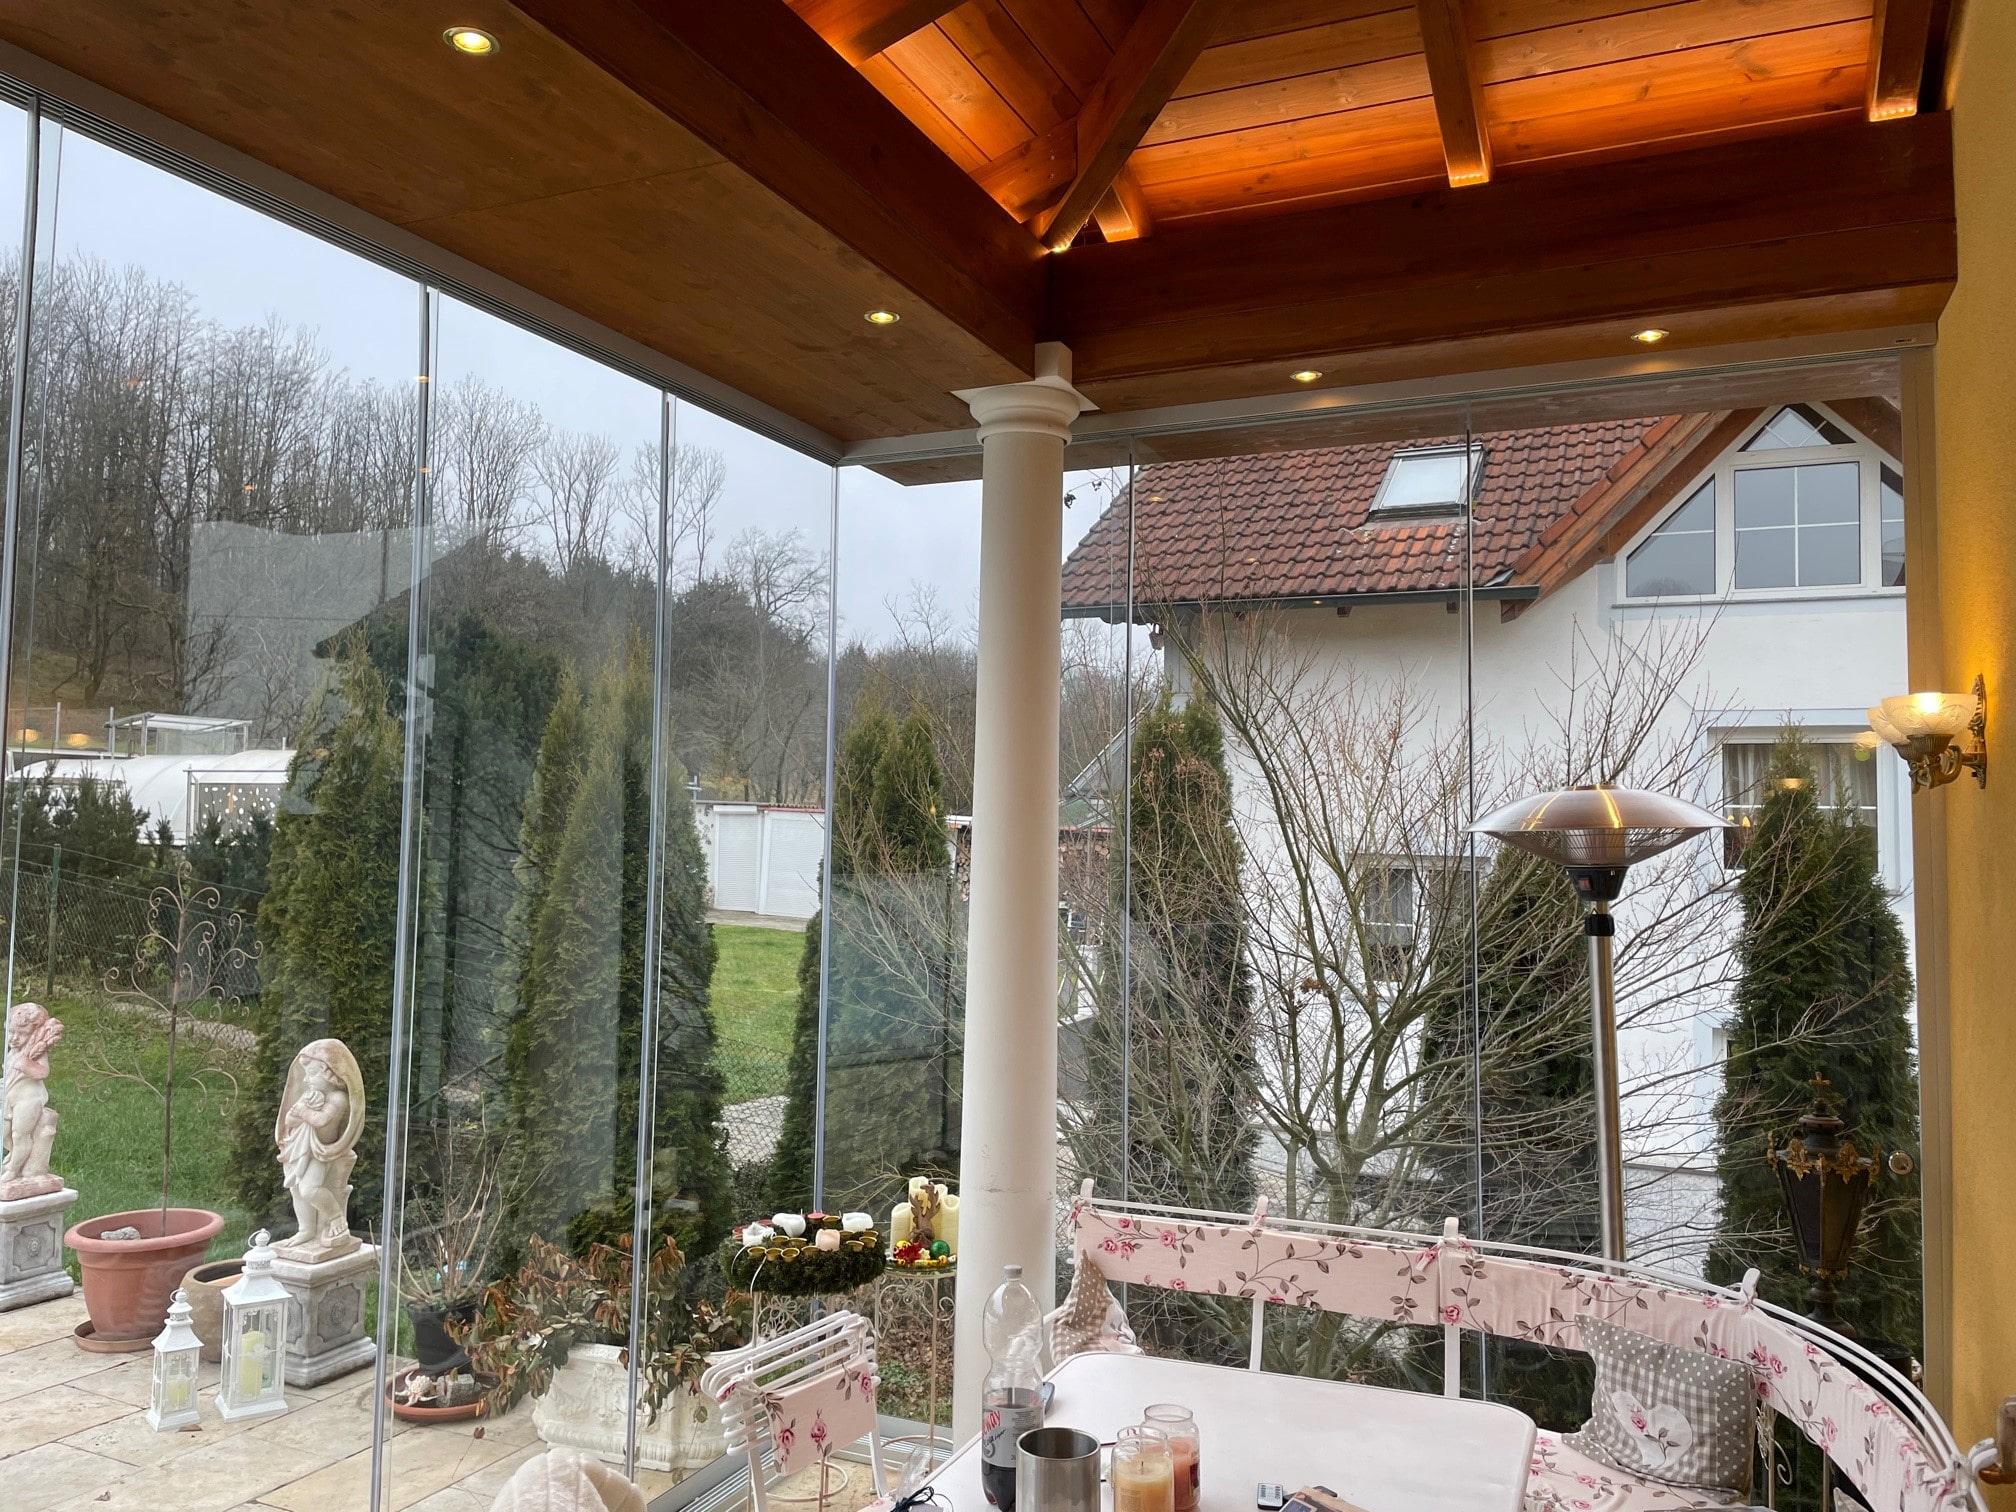 Terrasse mit Glasschiebeelemente zu machen